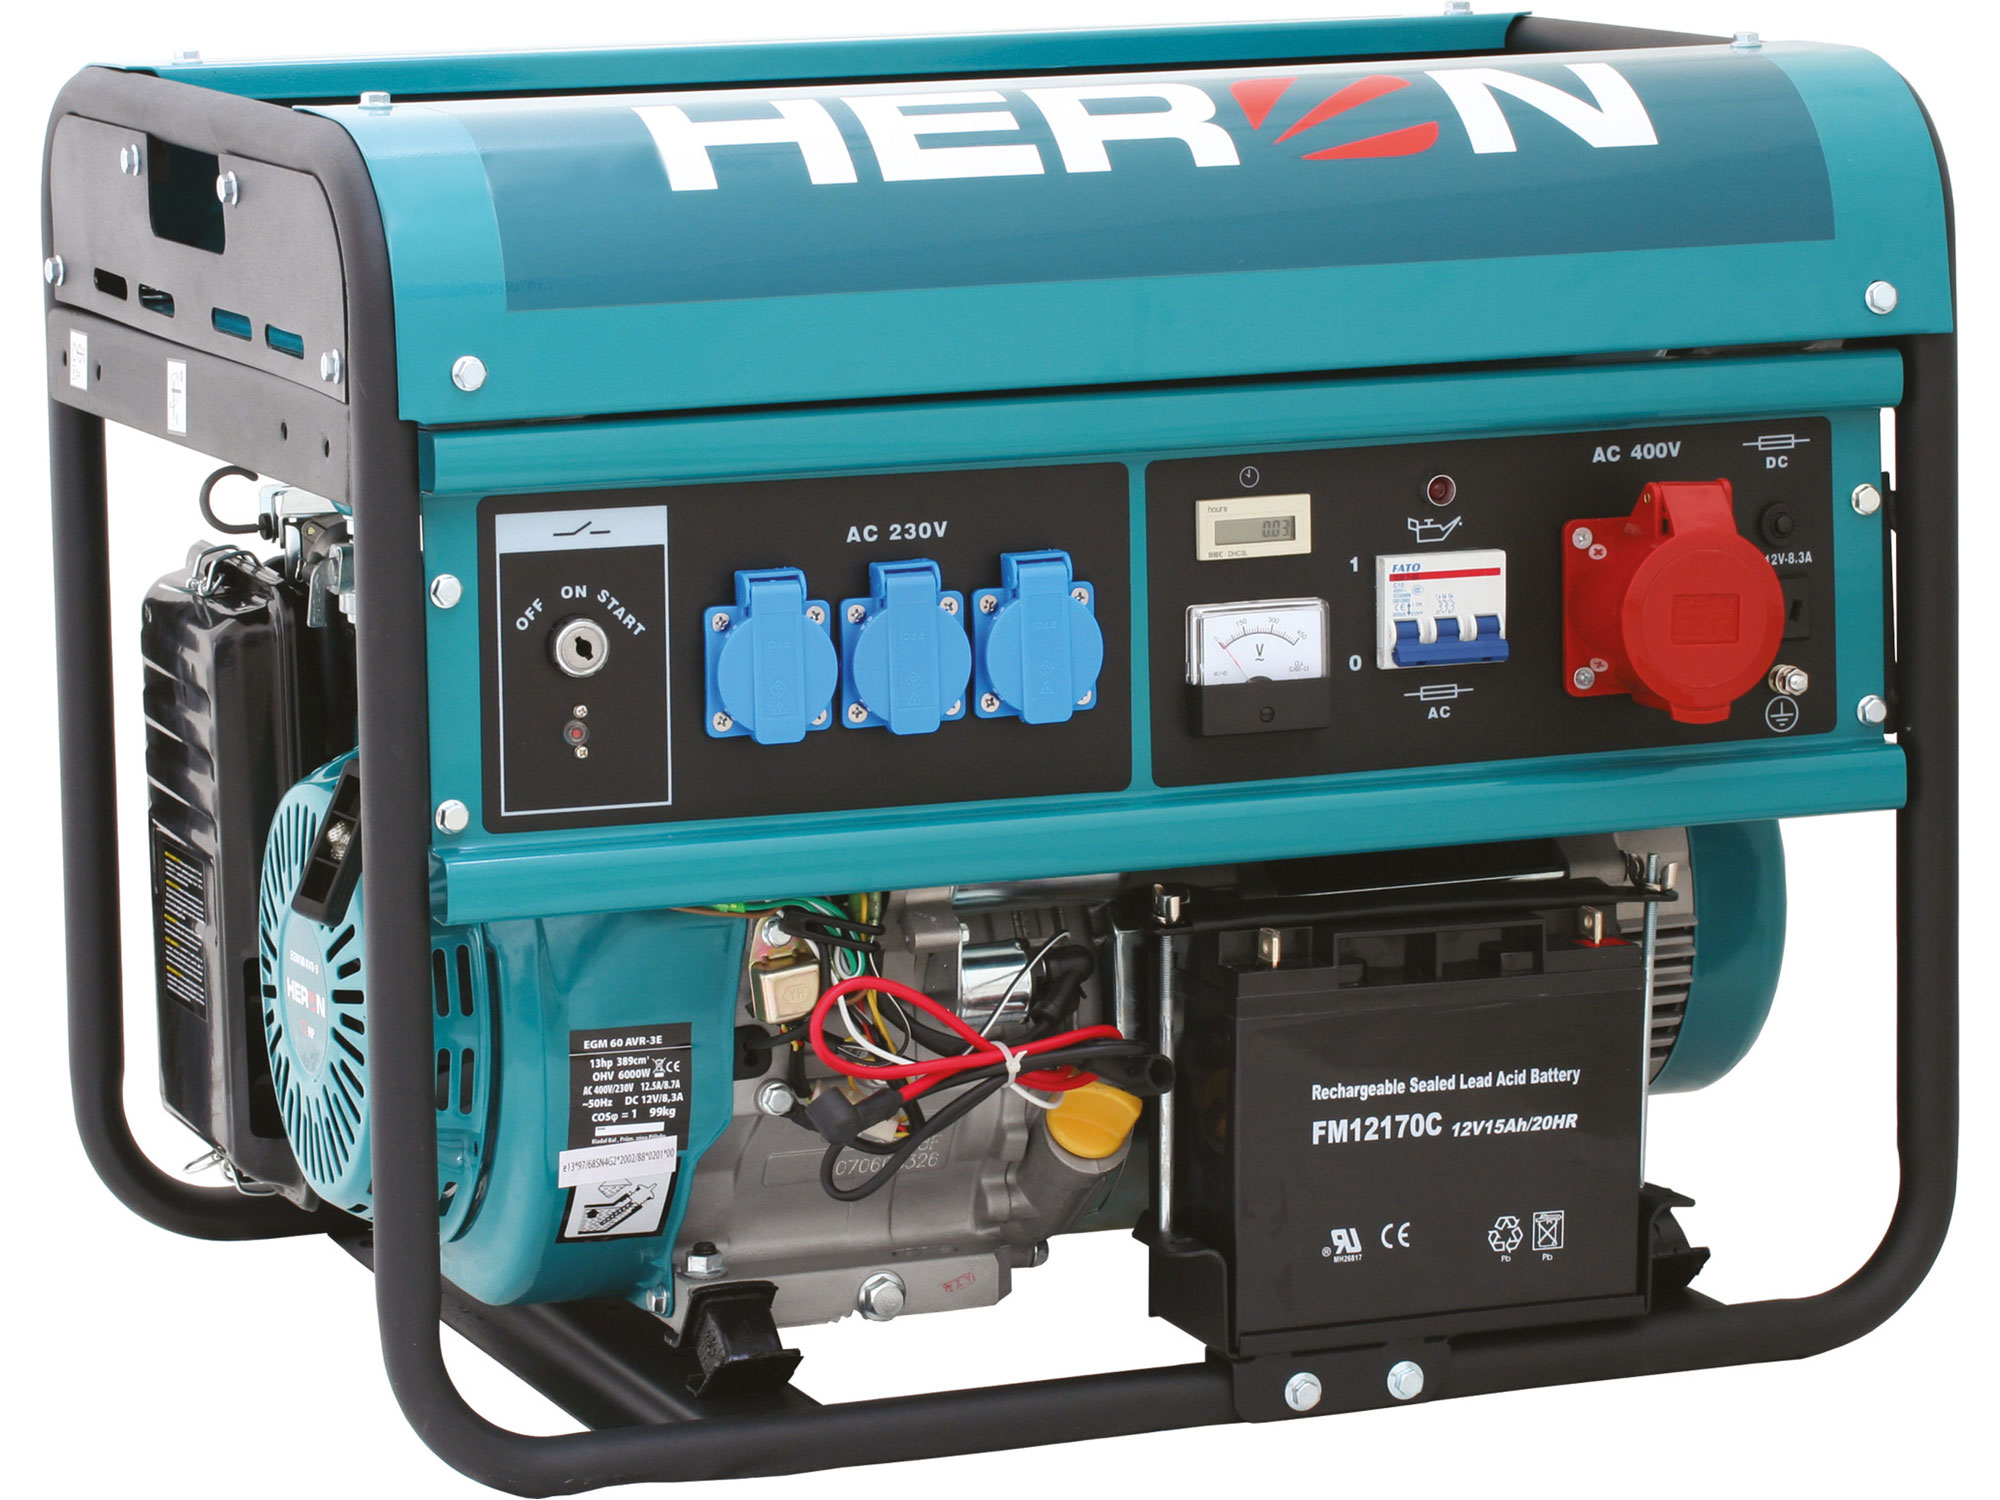 Elektrocentrála benzínová 13HP/6,0kW (400V) 2,2kW (230V), elektrický start EGM 60 AVR-3E H